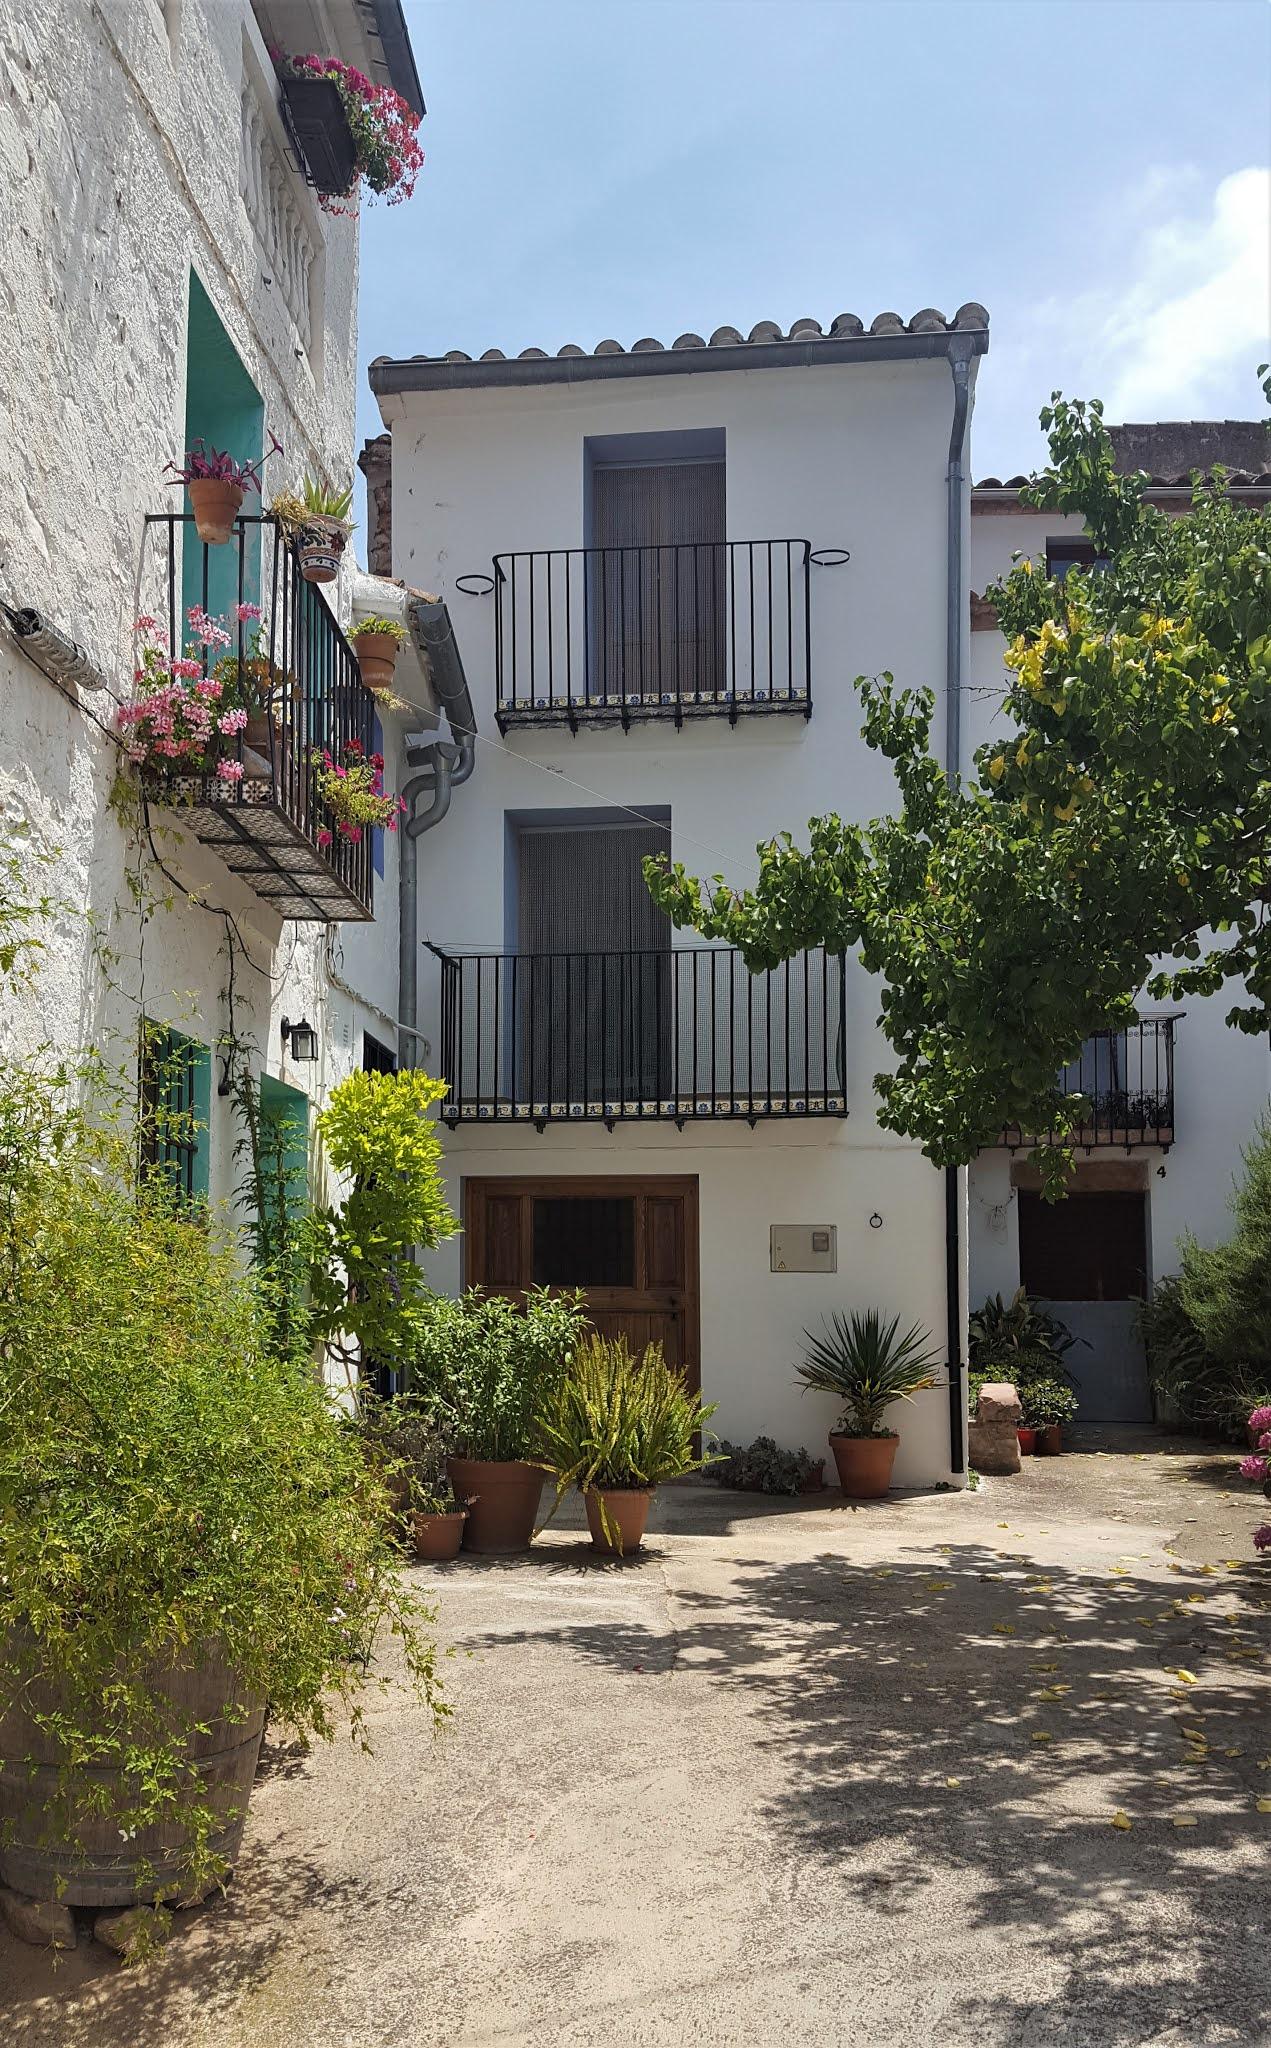 Houses in the village of Ain, Serra d'Espadà, Castellón